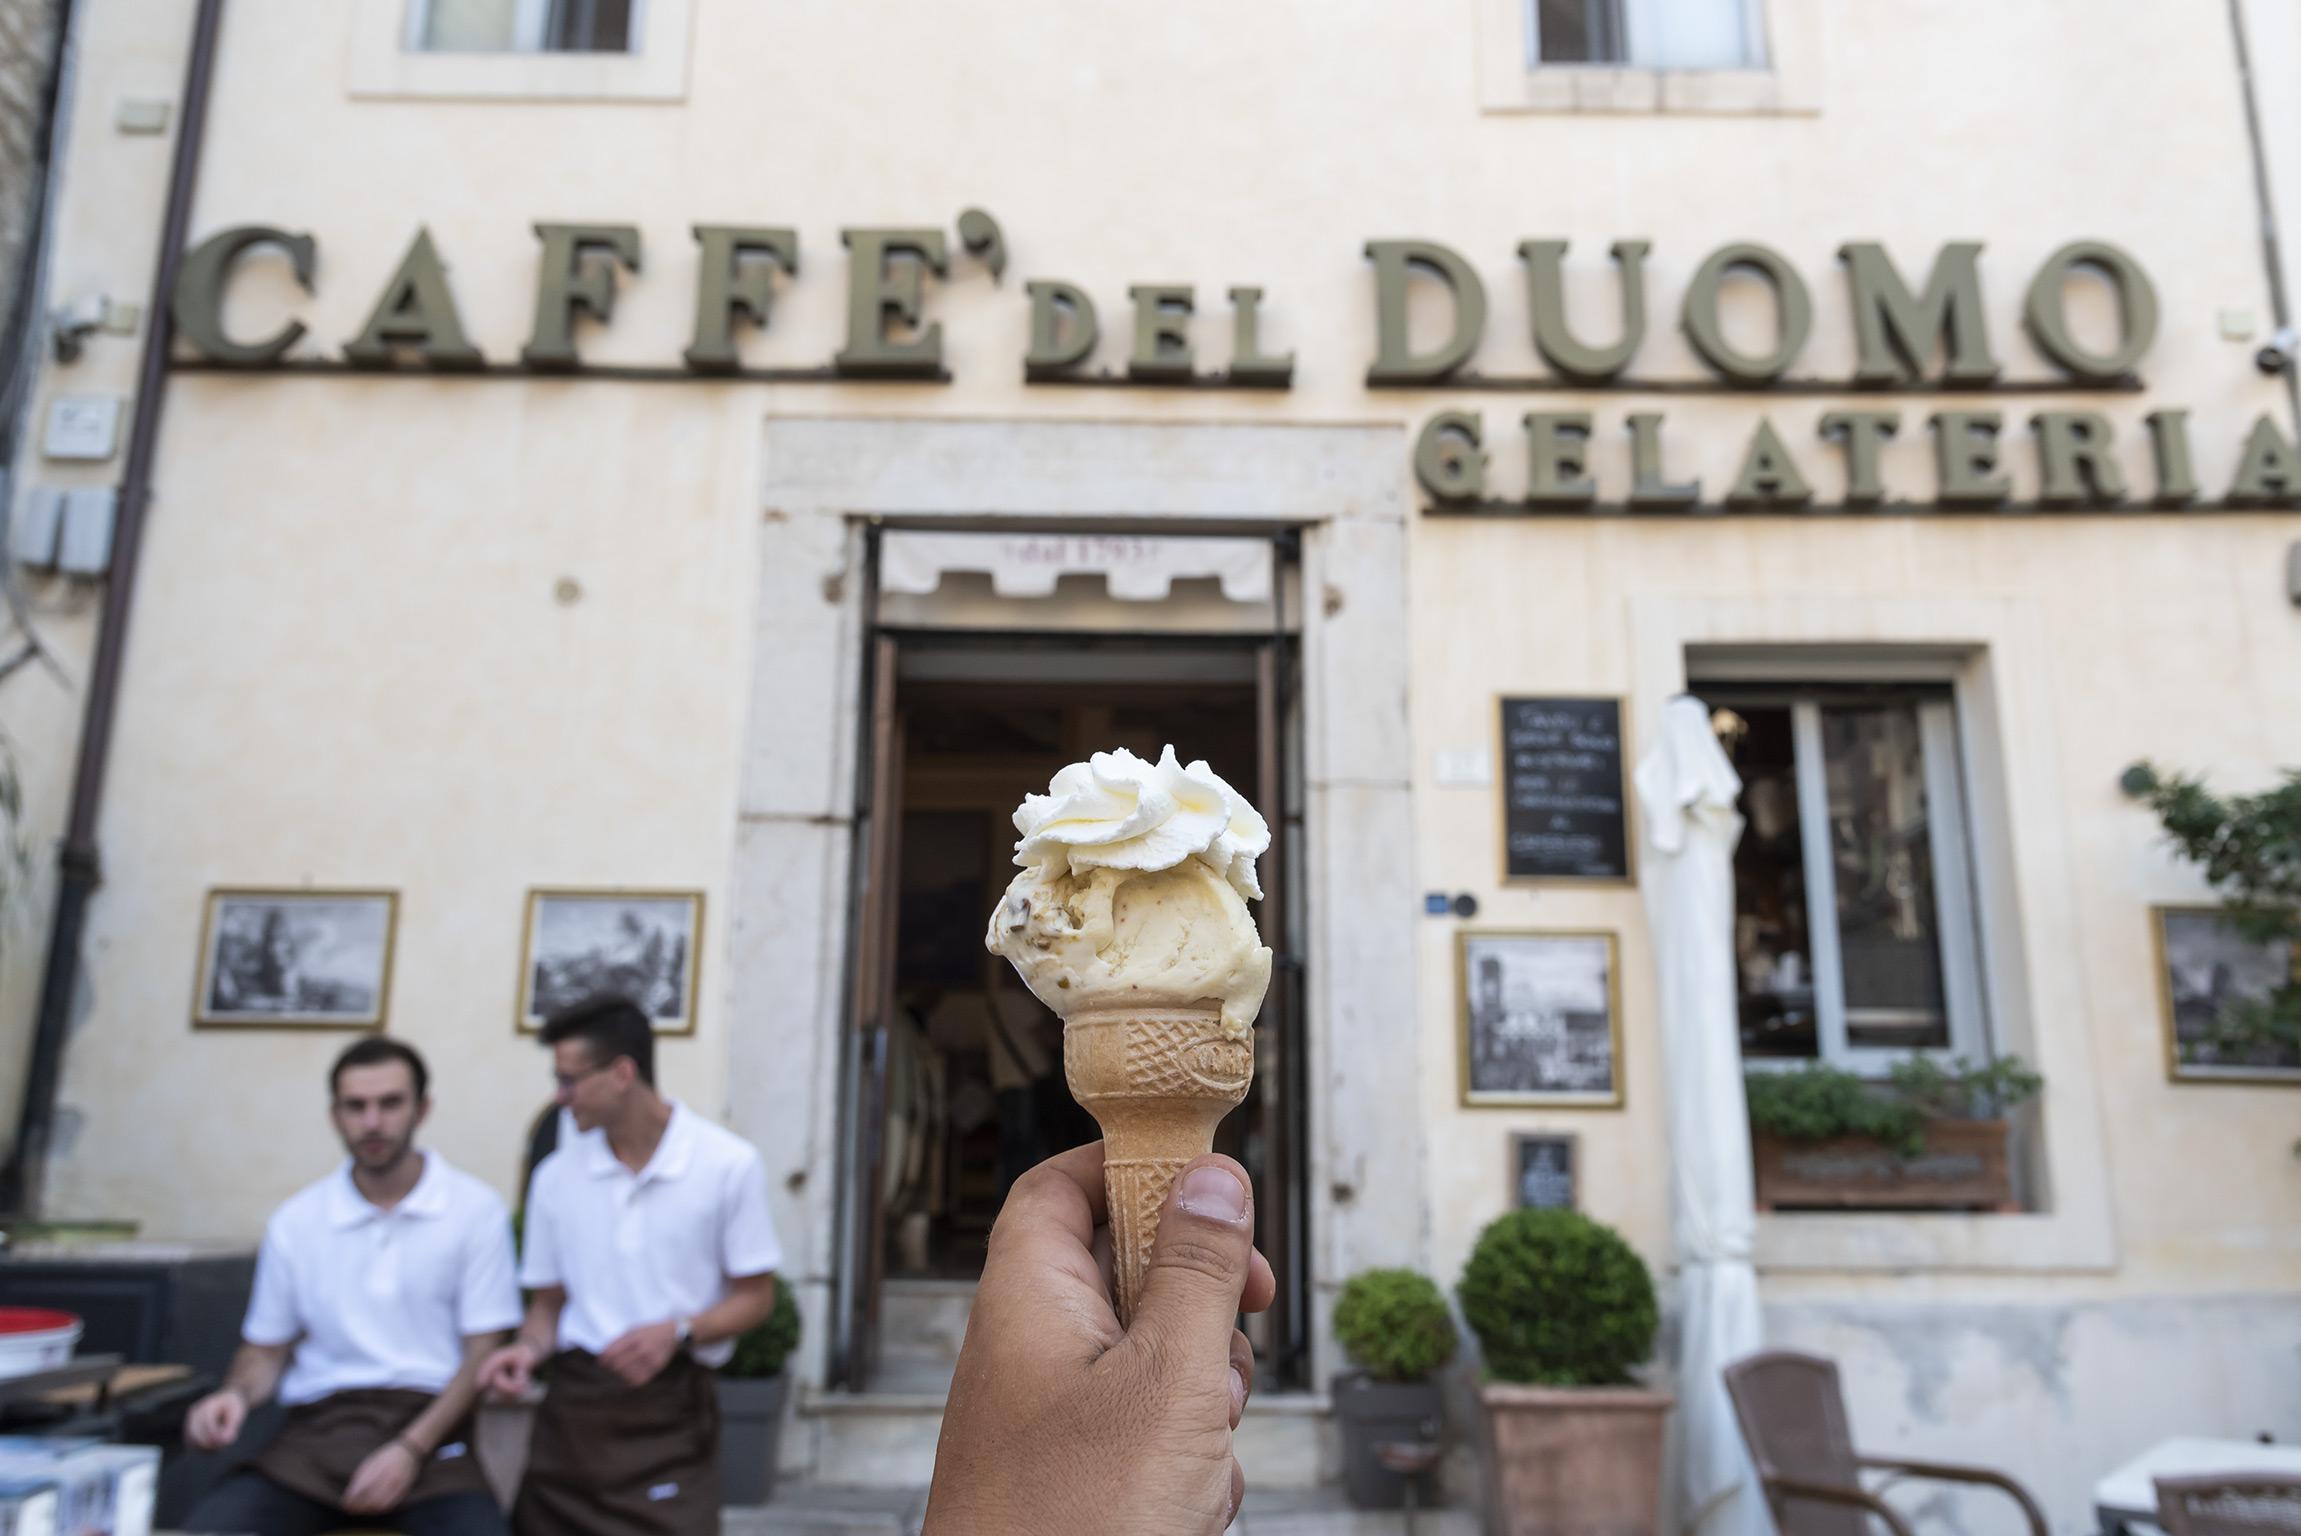 Esperienze a Terracina: mangiare il gelato a Caffè del Duomo